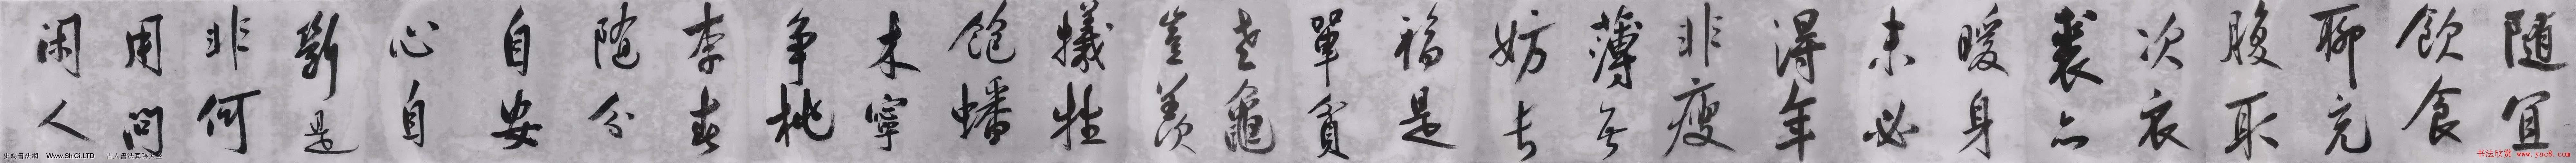 宋高宗趙構行書手卷真跡欣賞《白居易詩》(共15張圖片)